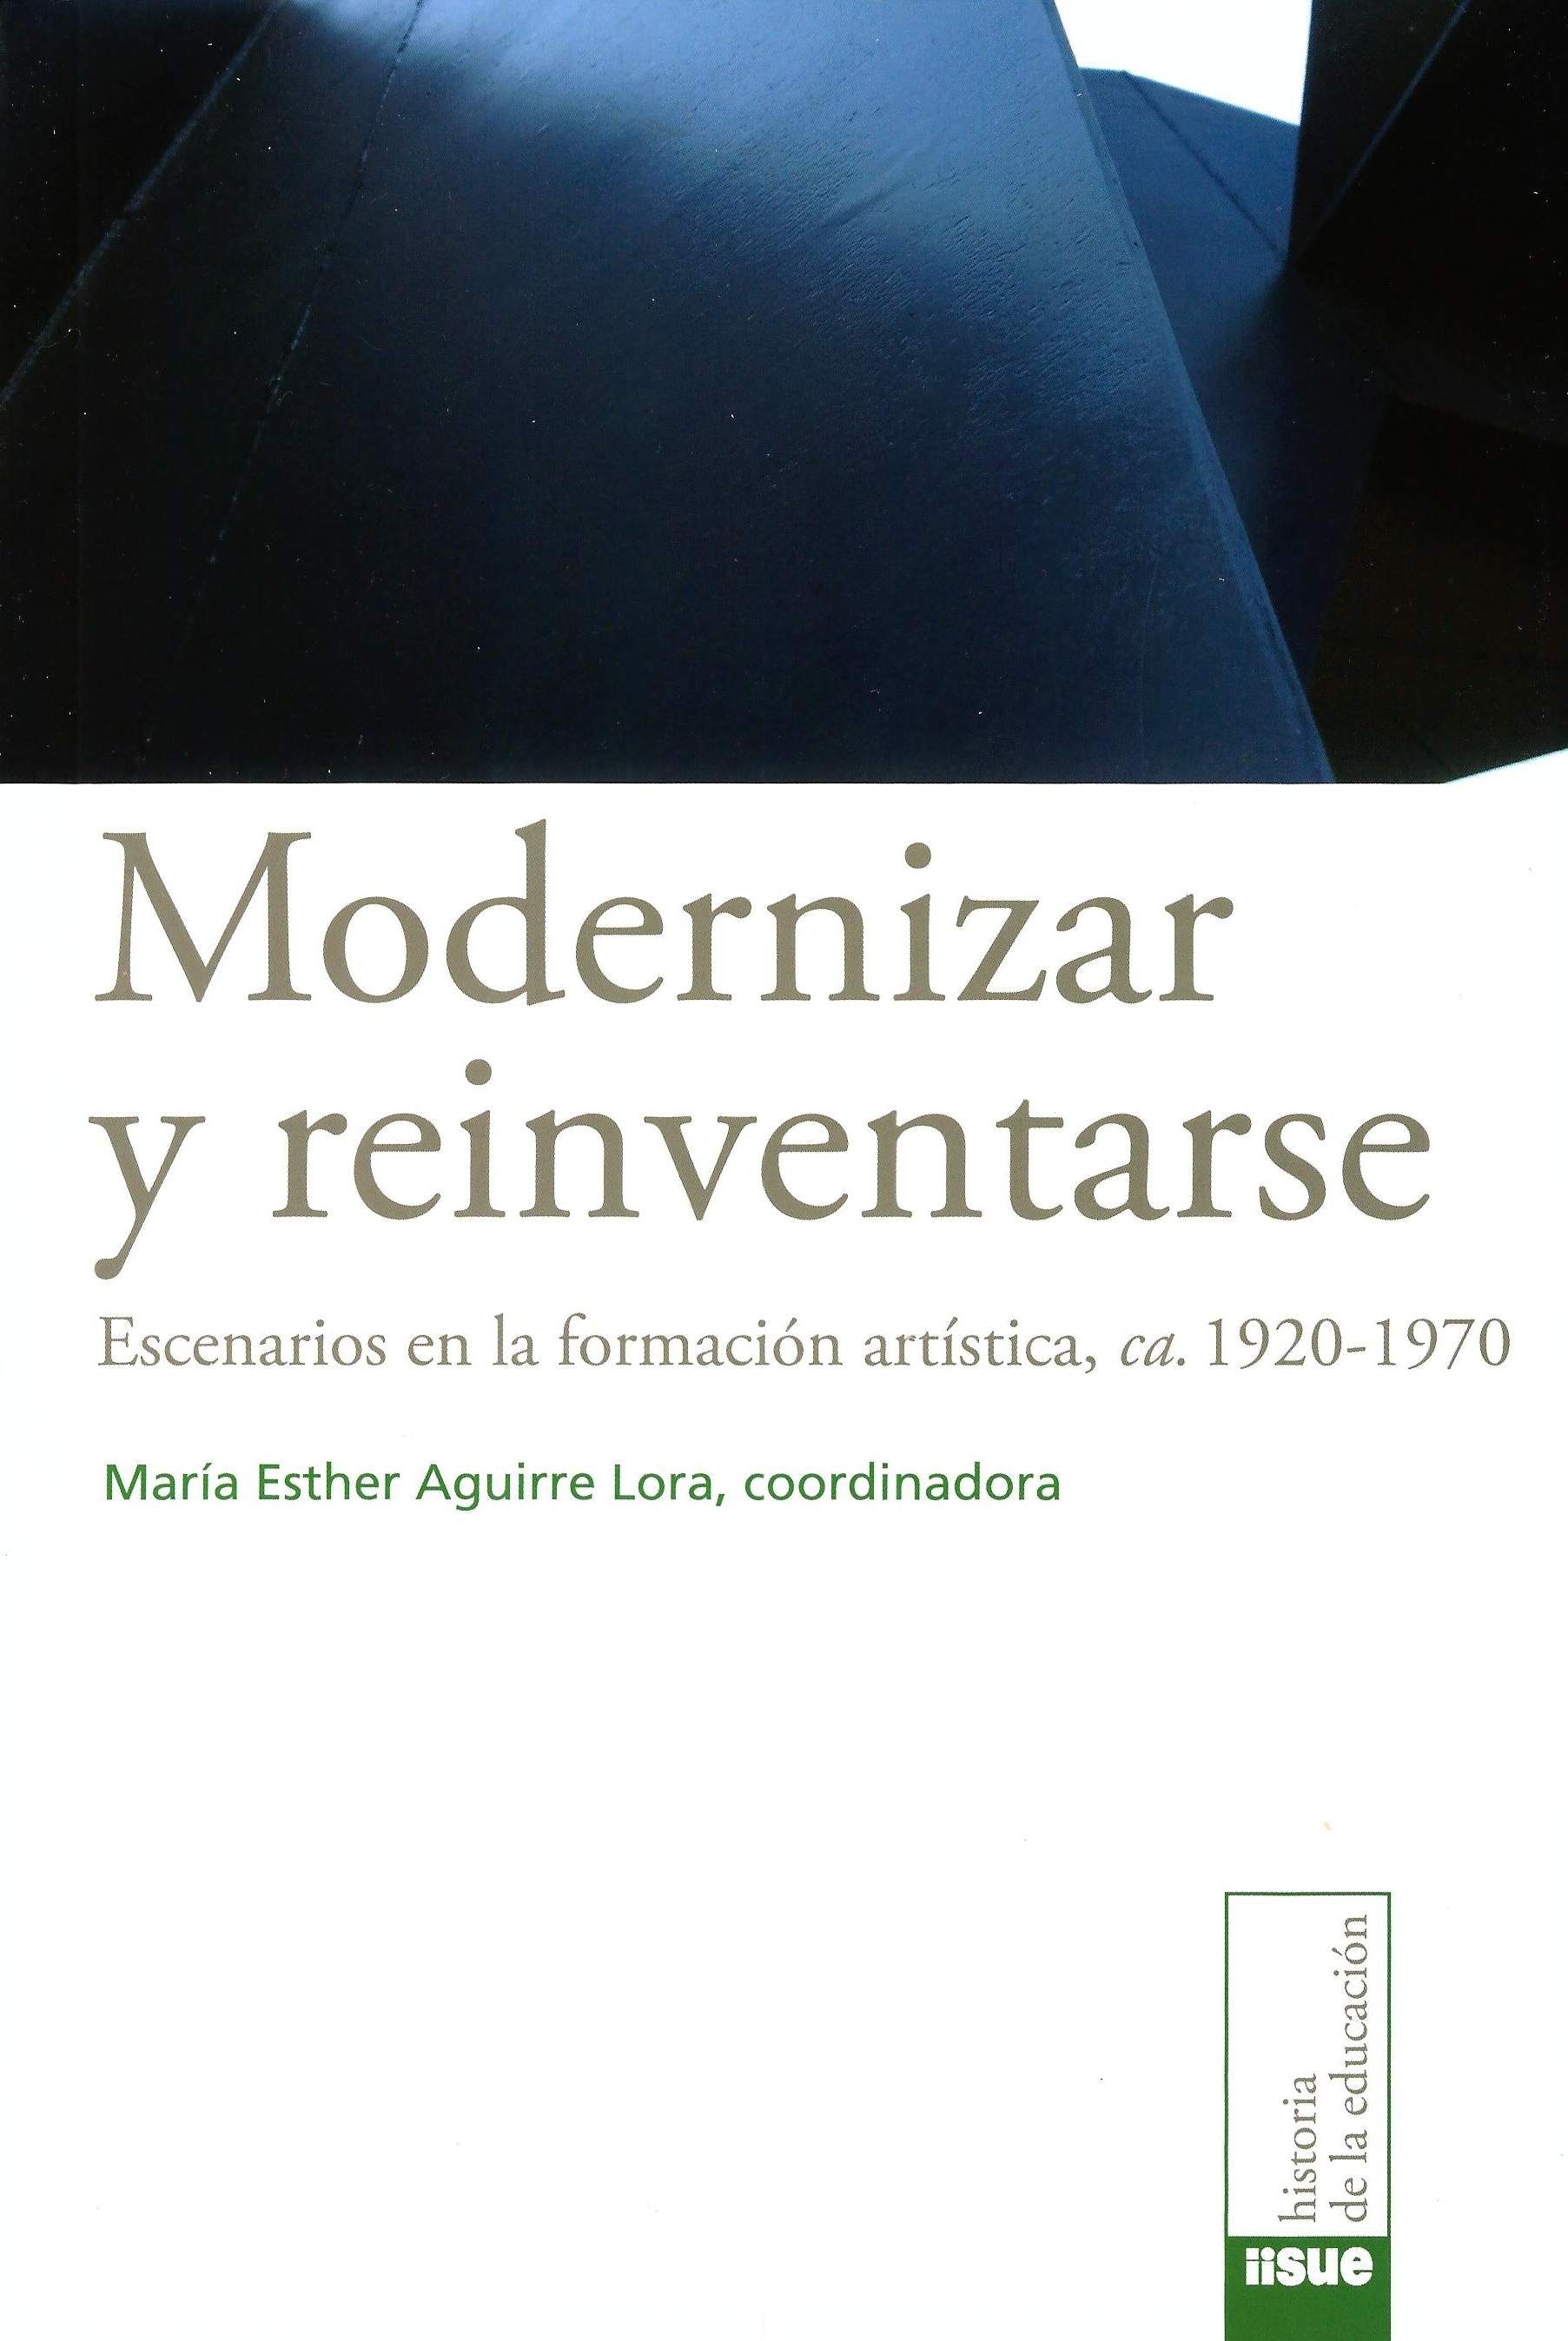 Modernizar y reinventarse: escenarios en la formación artística, ca. 1920-1970